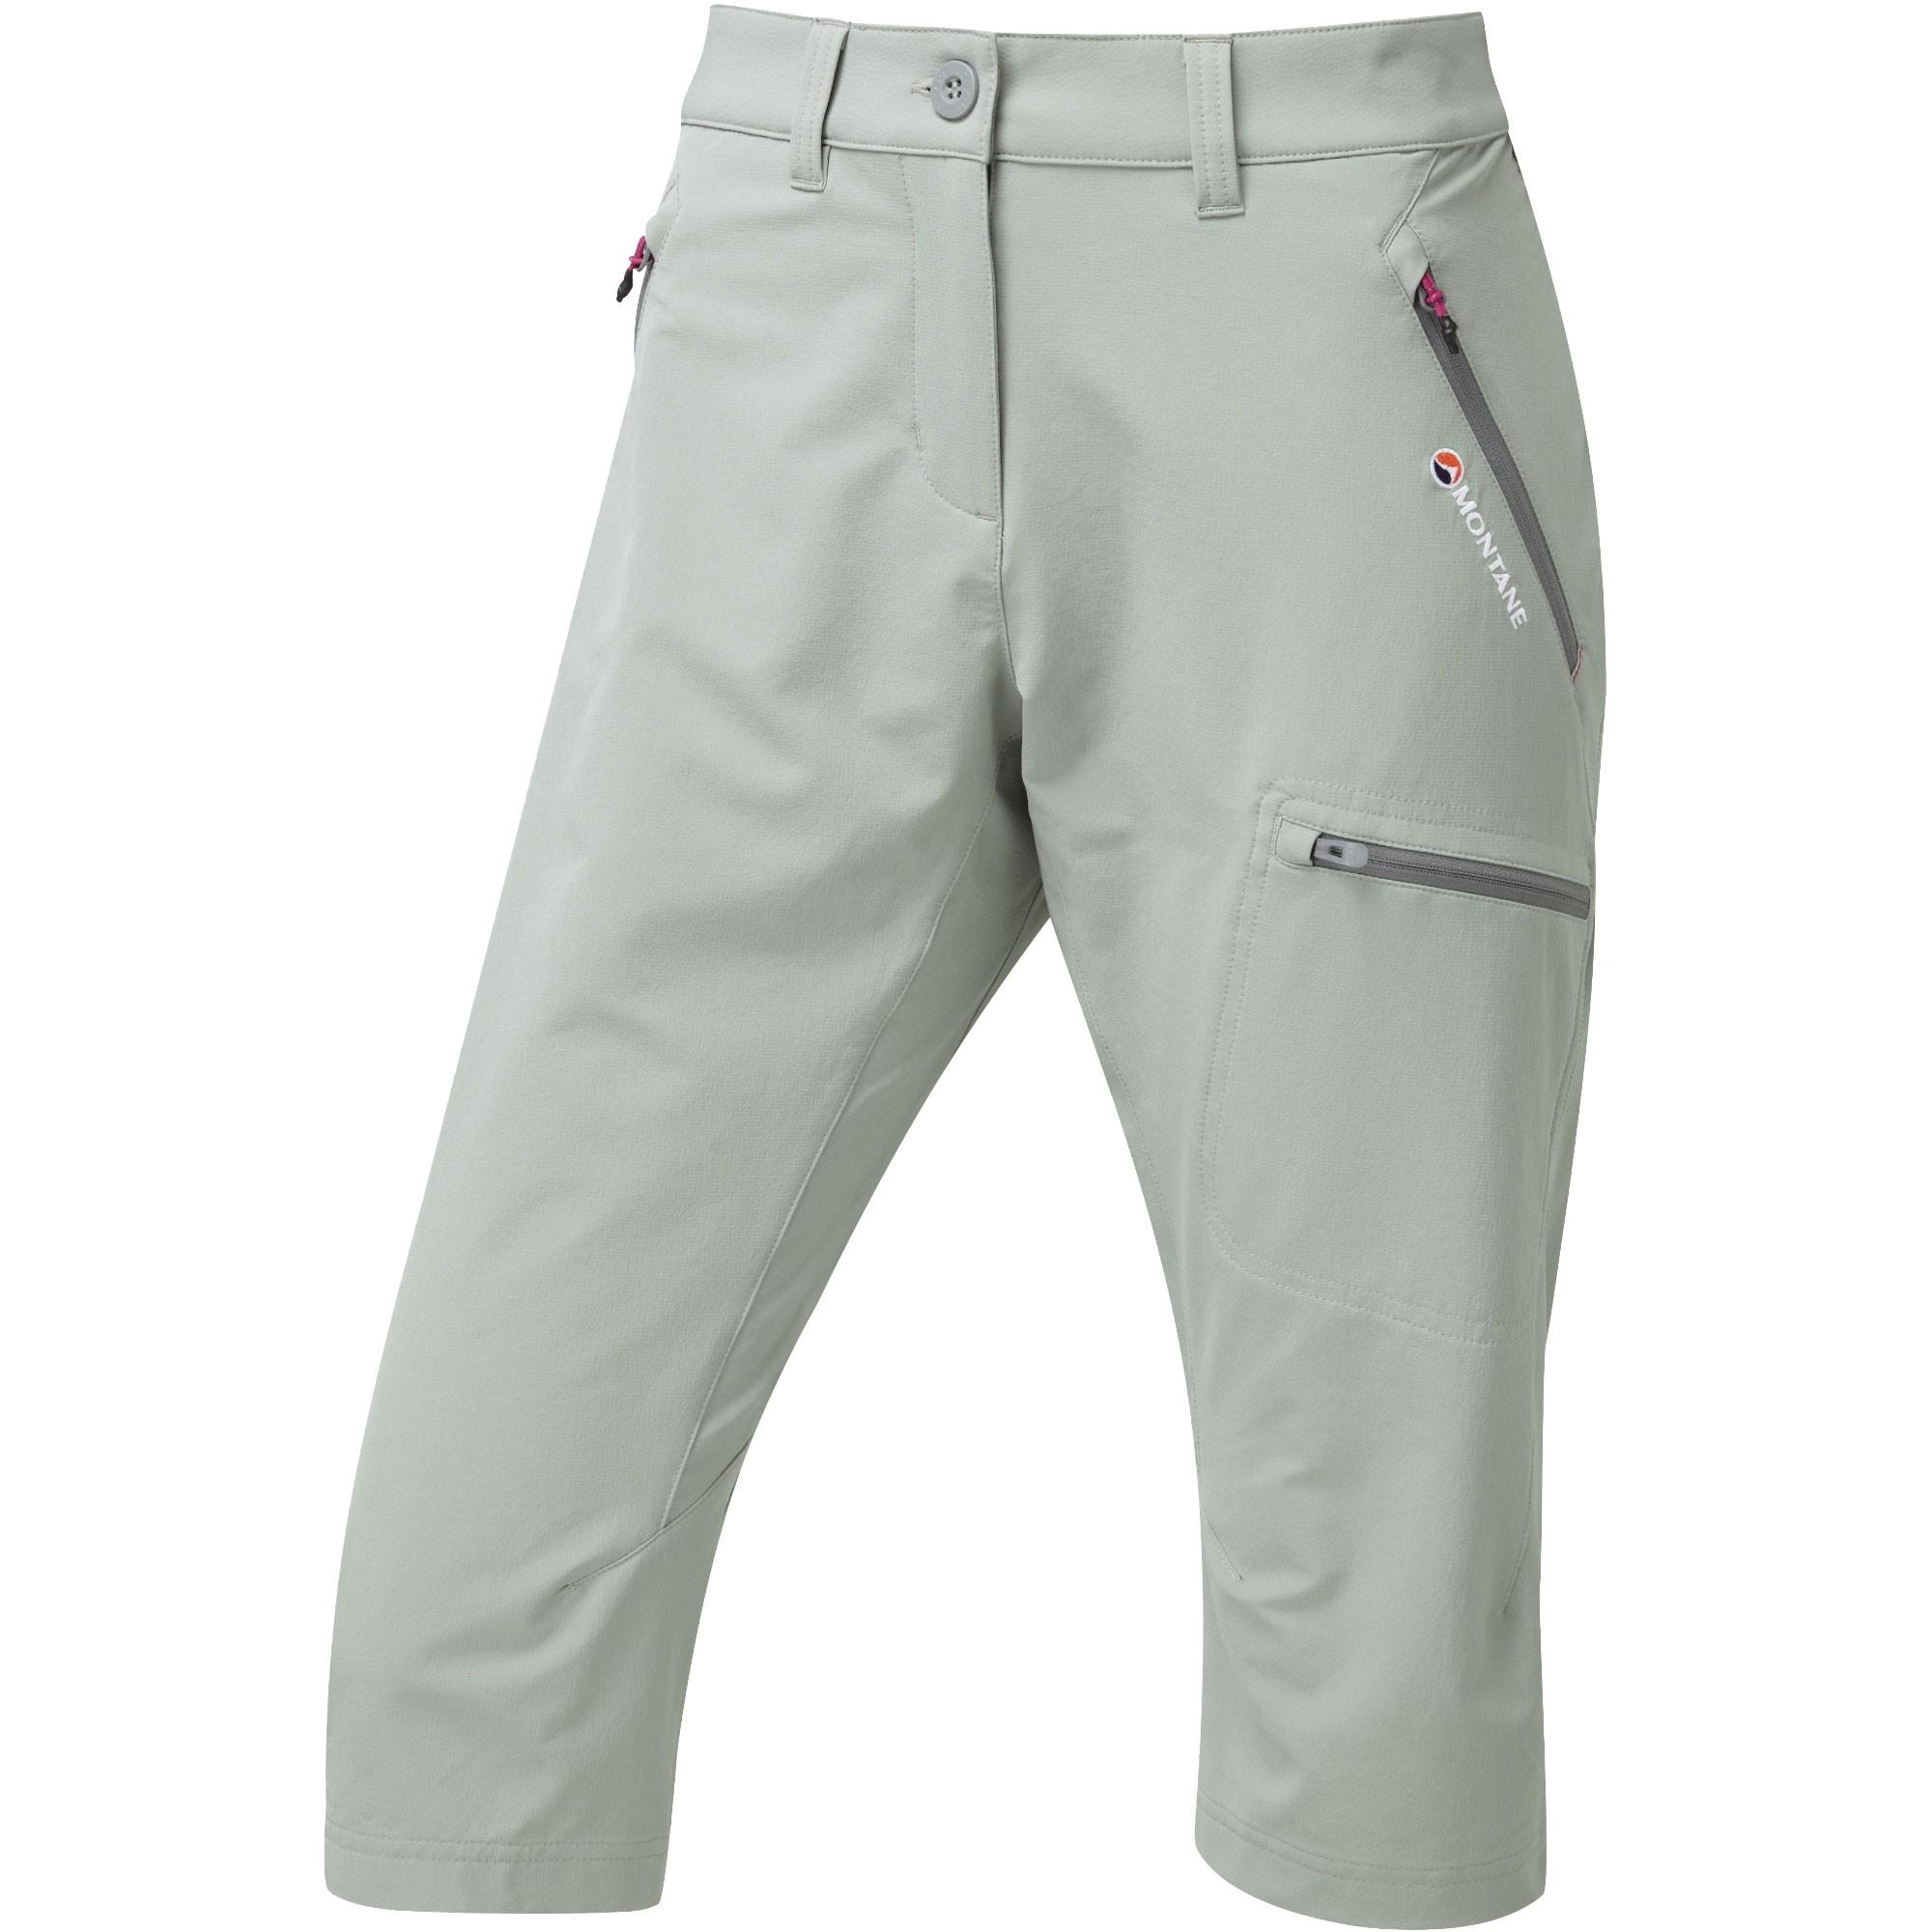 Montane Women's Dyno Stretch Capri Pants - Cloudburst Grey